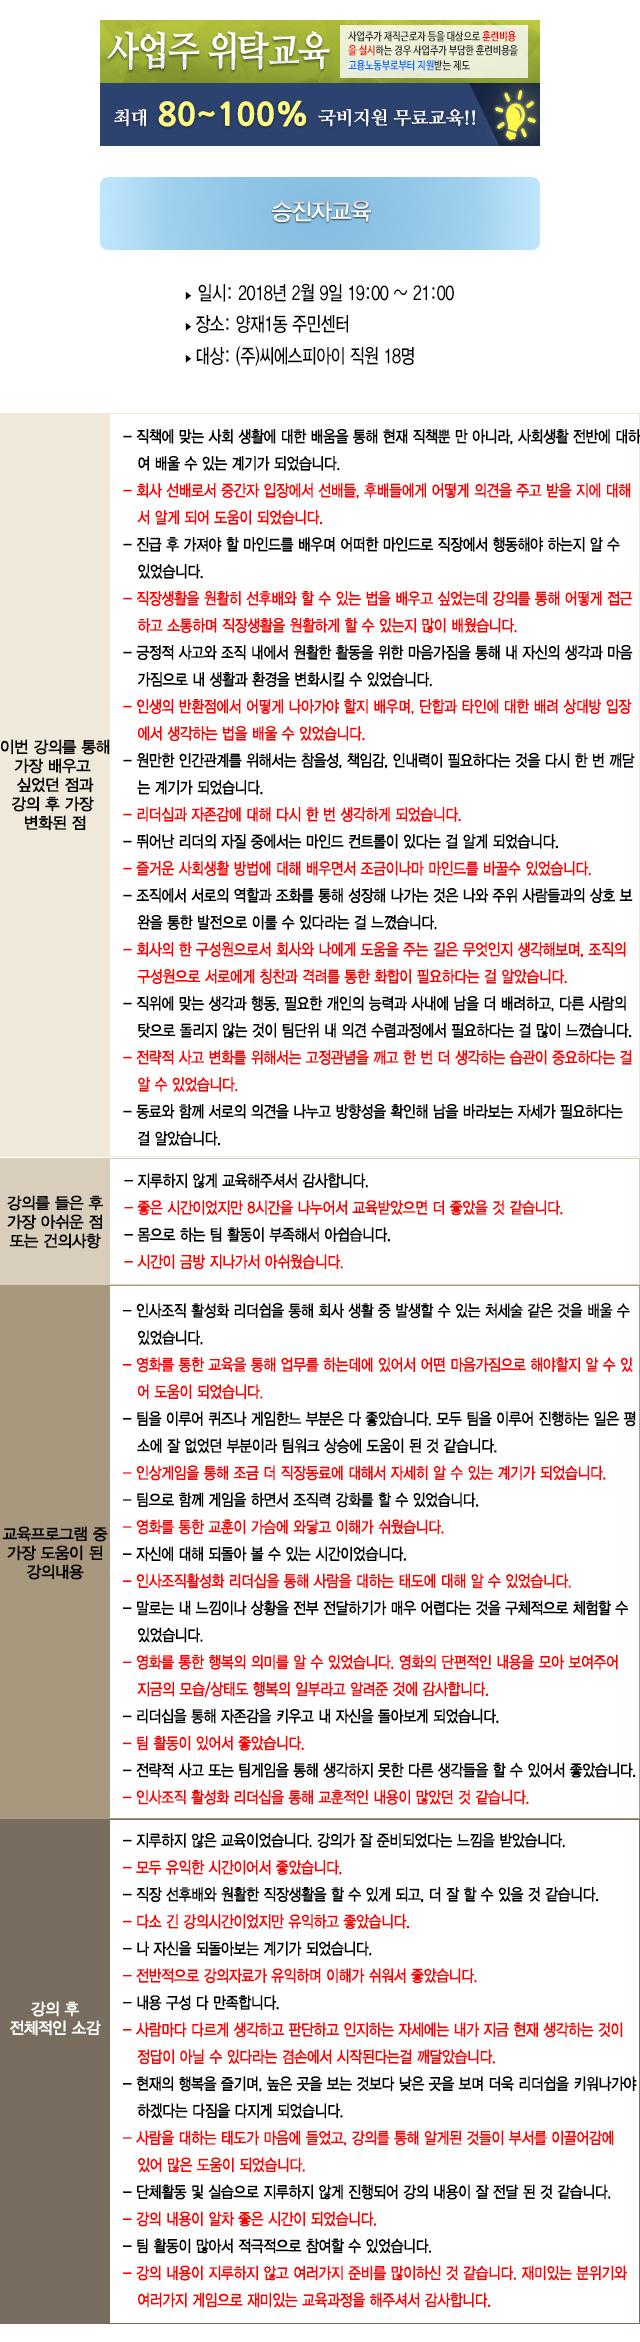 한국중앙인재개발원 후기 씨에스피아이.jpg